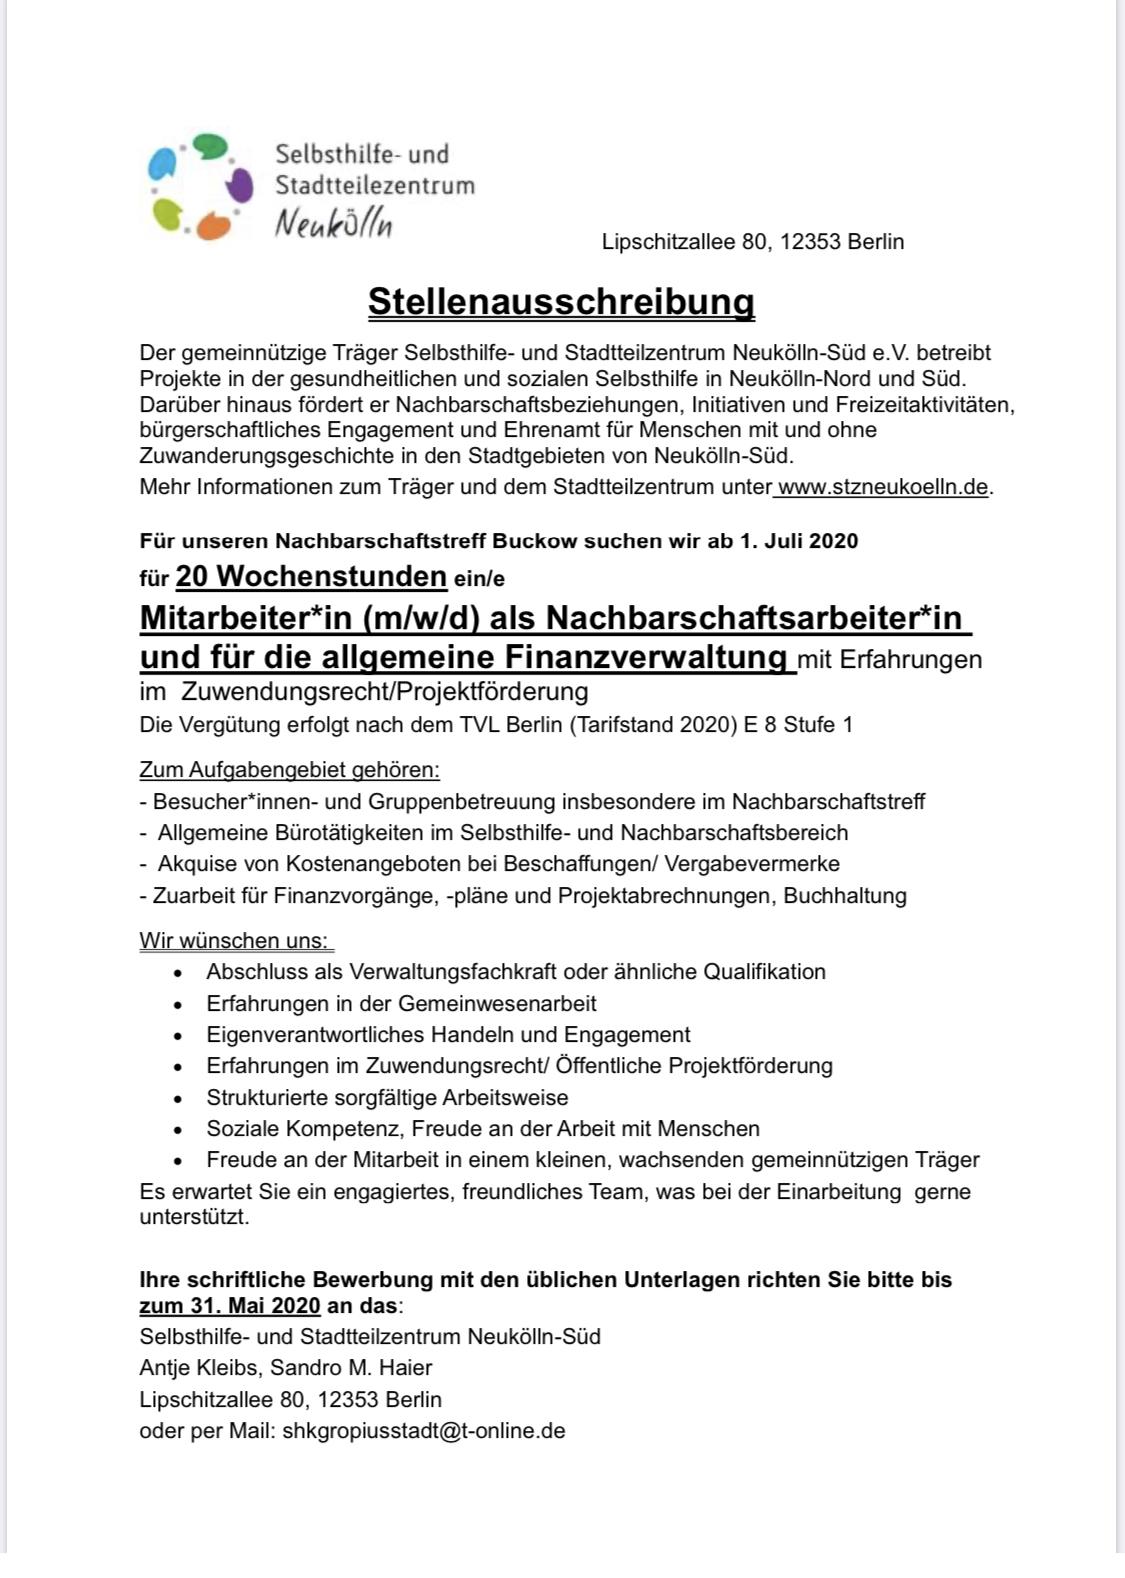 Berlin Stellenausschreibung